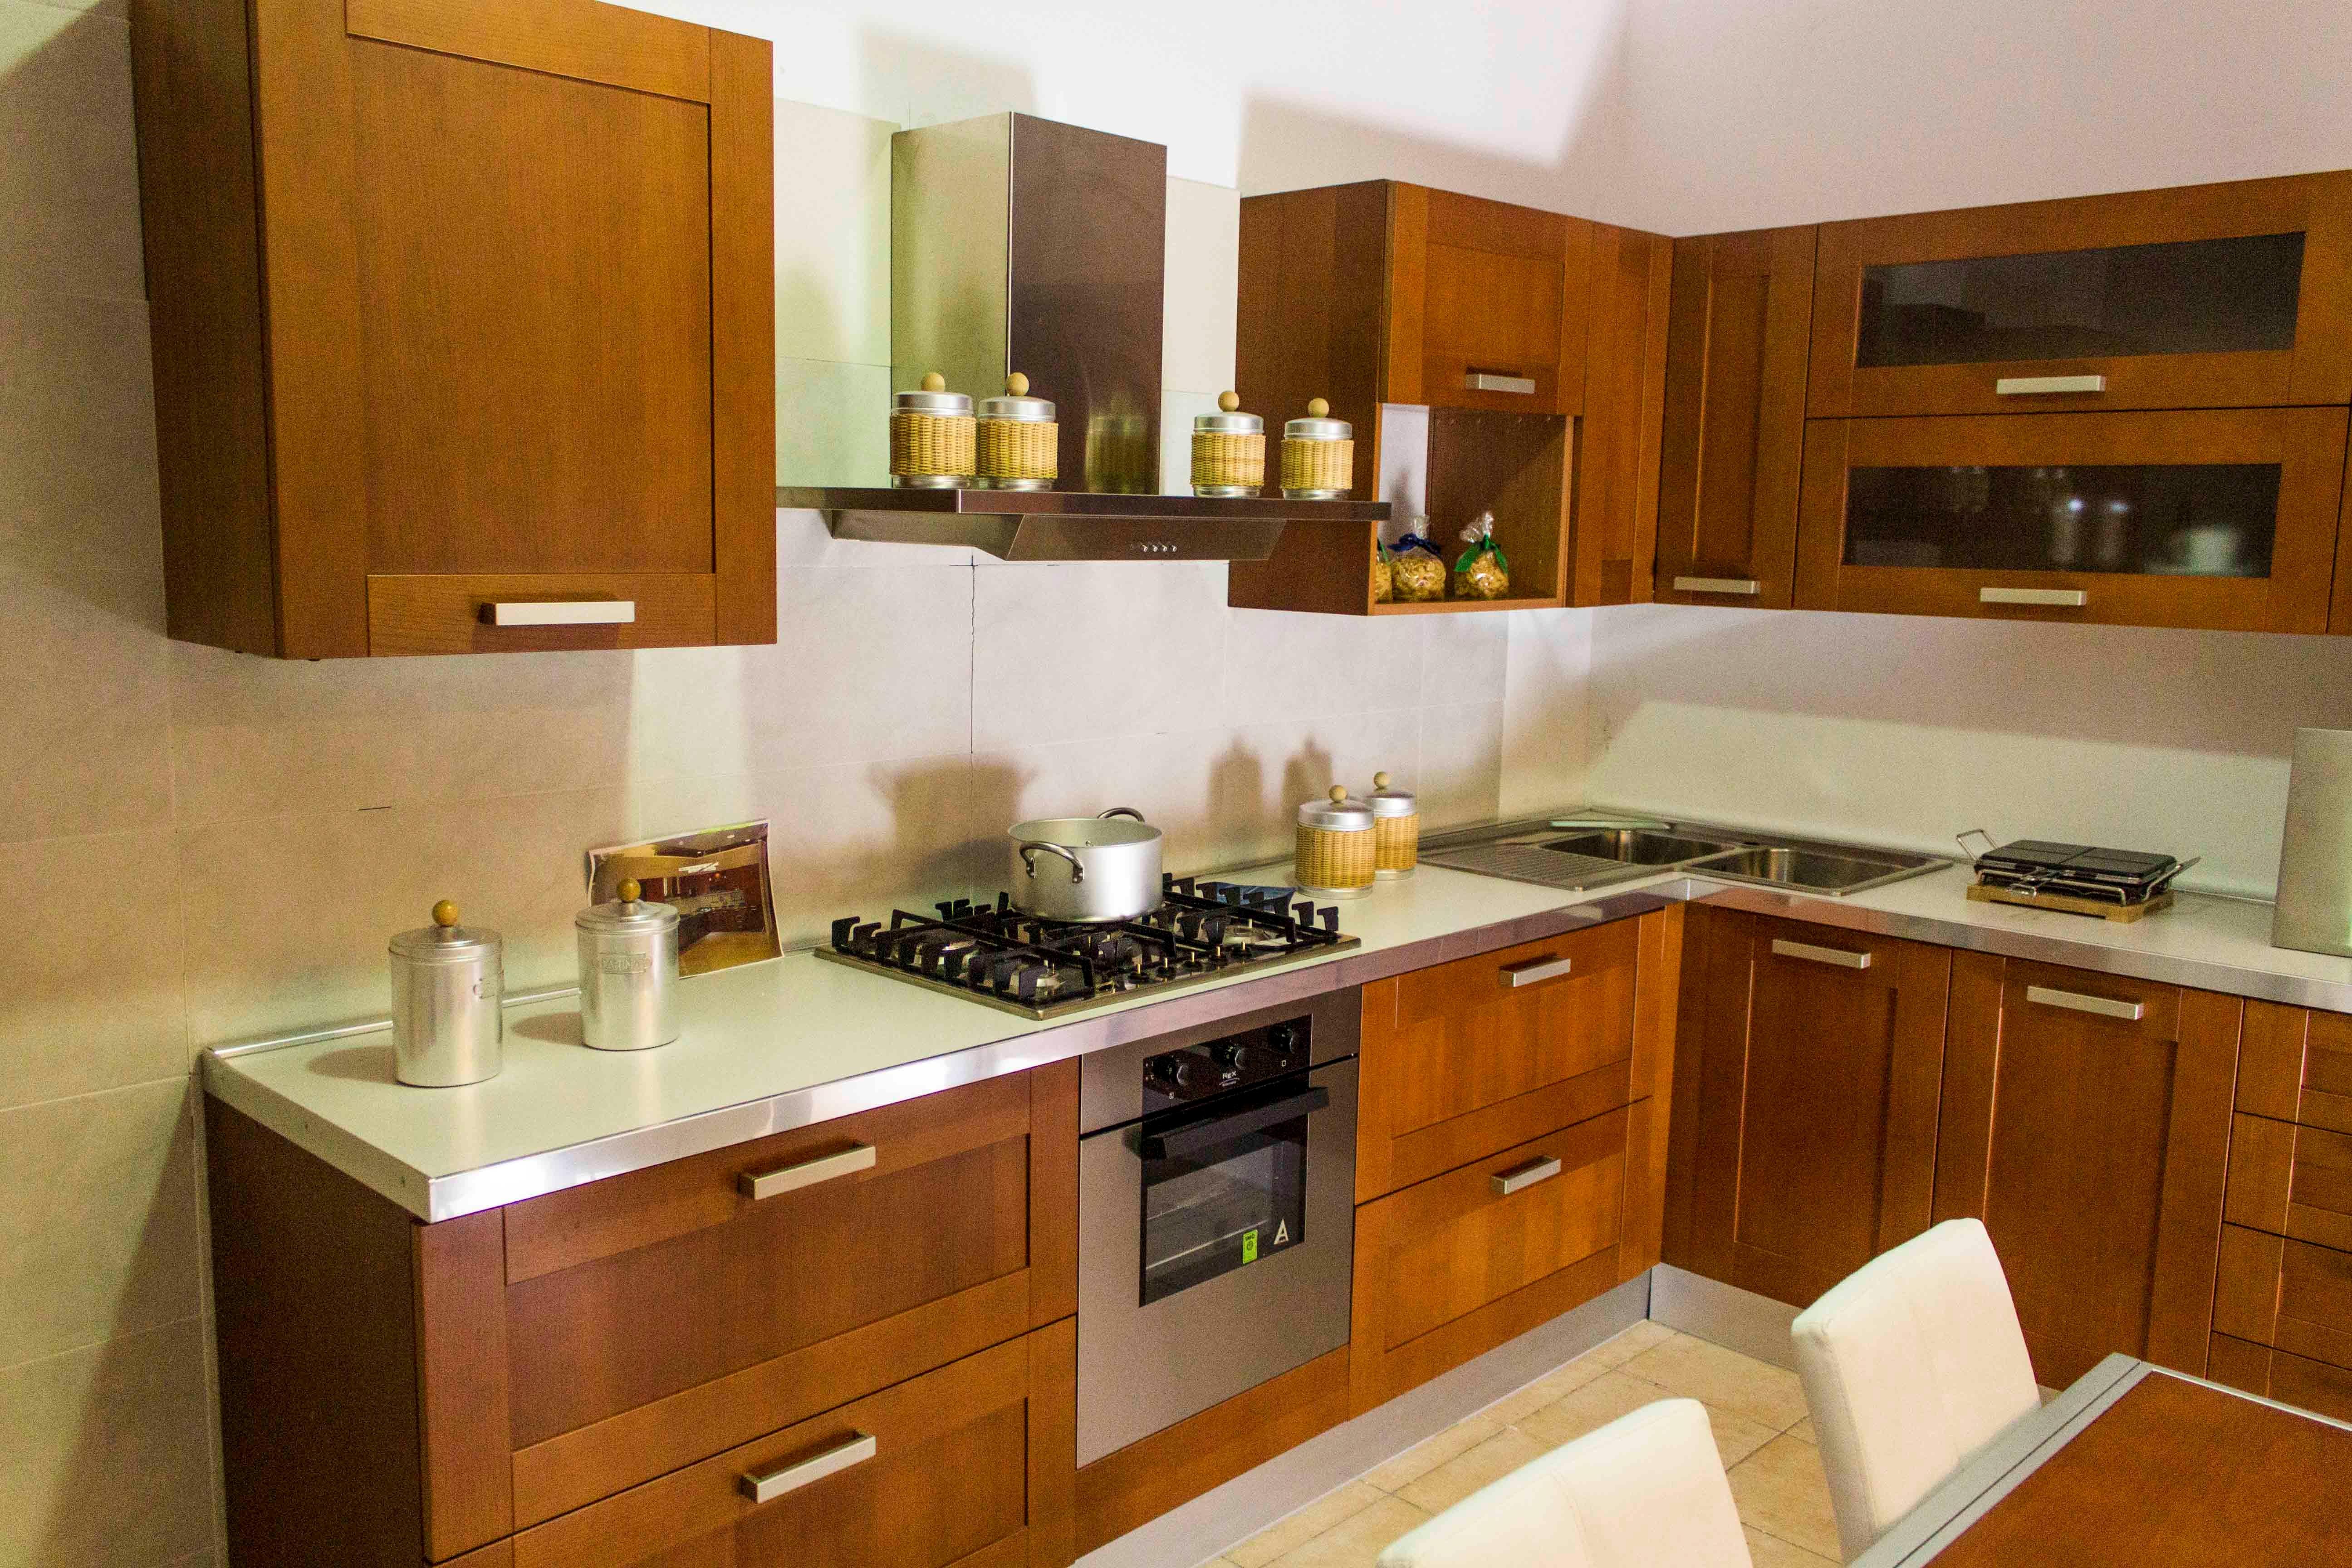 Veneta Cucine Cucina California, colore ciliegio scontato del -68 ...